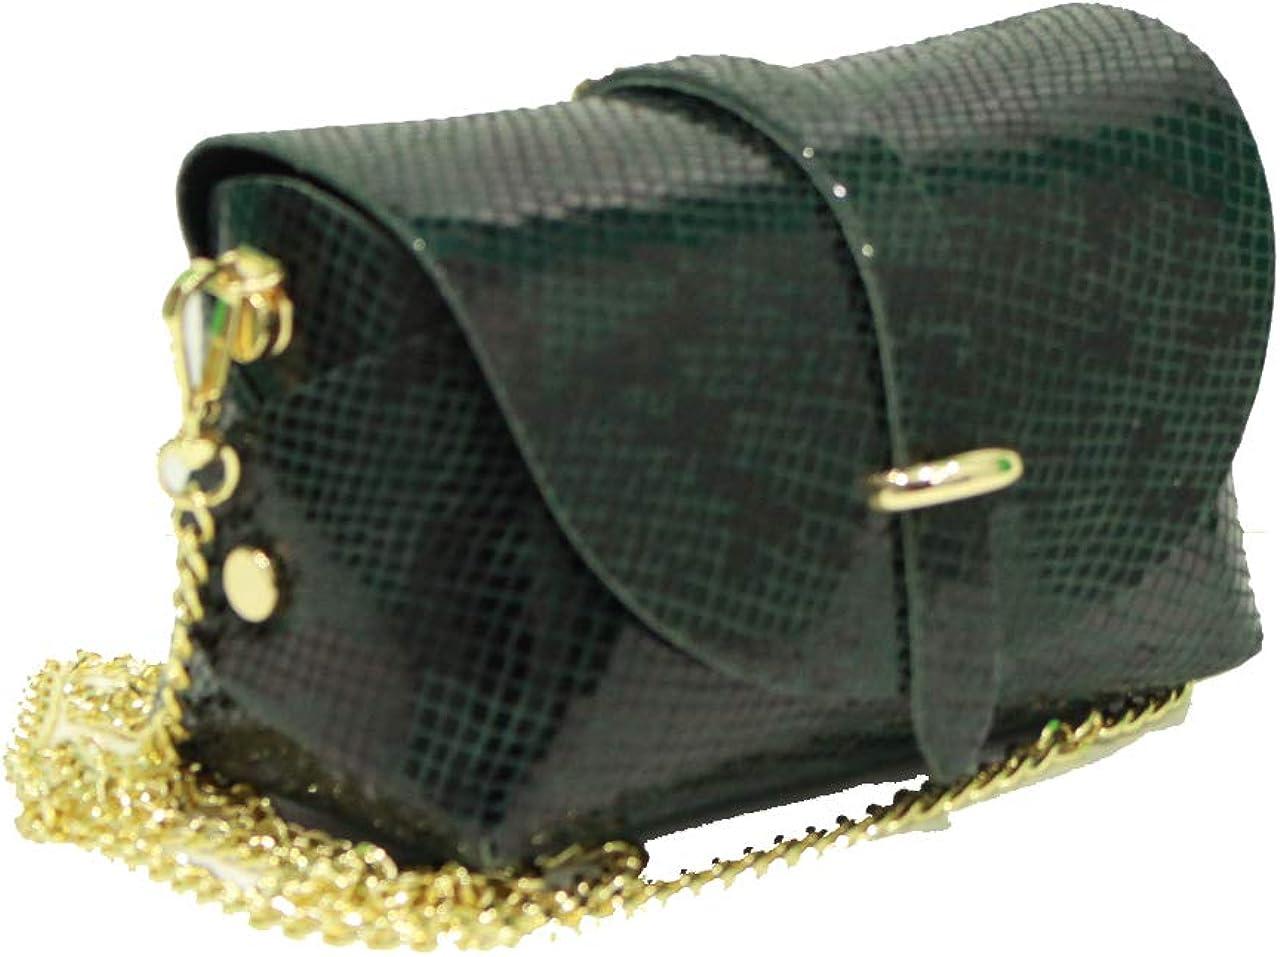 A to Z Leather Sac pochette en cuir véritable pour femme doté d'une bandoulière en chaîne d'or détachable. Personnalisable avec vos initiales. Façon Serpent Vert